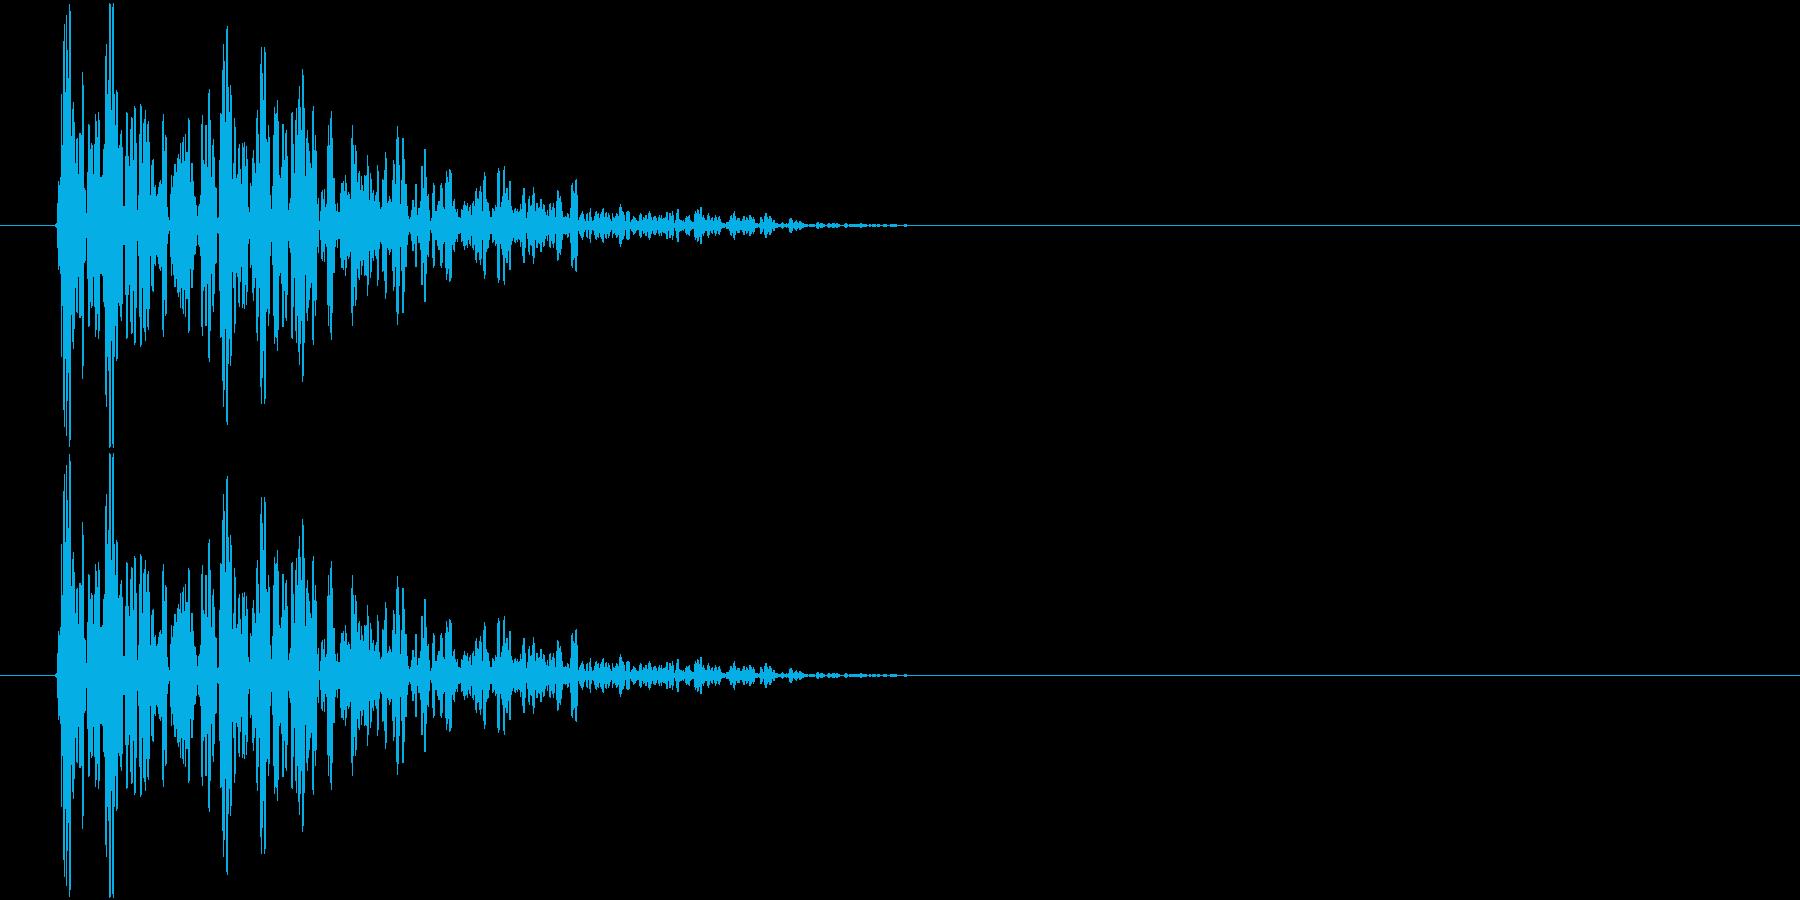 ドムン(衝撃・打撃音)の再生済みの波形